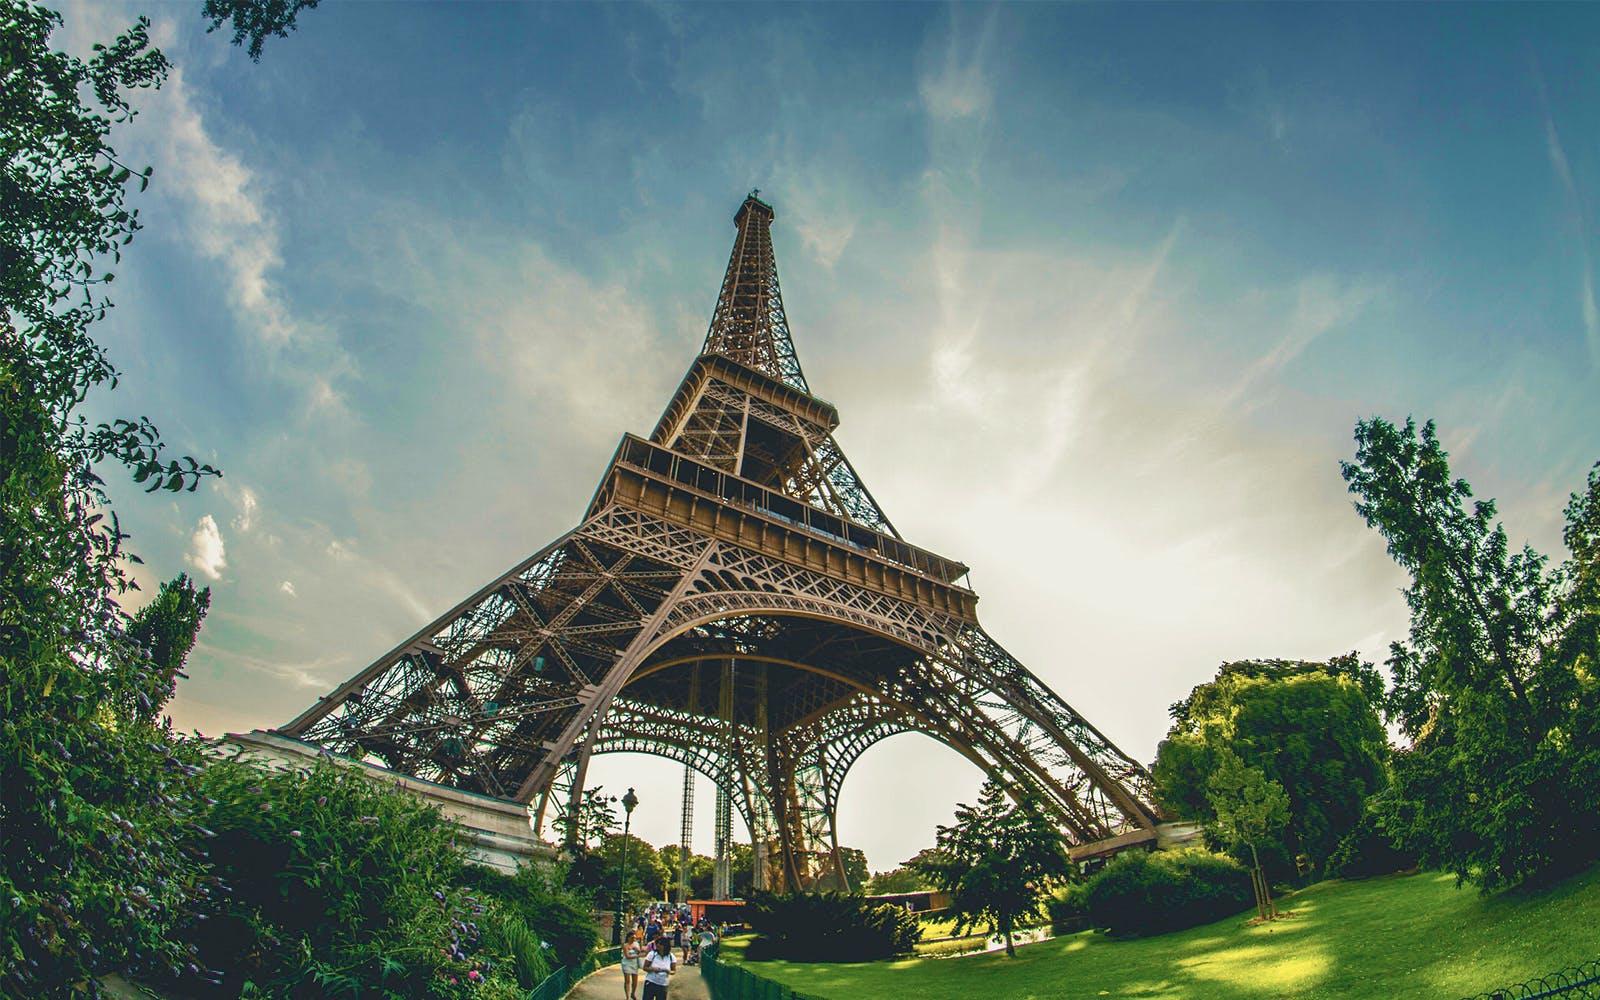 paris in august - eiffel tower